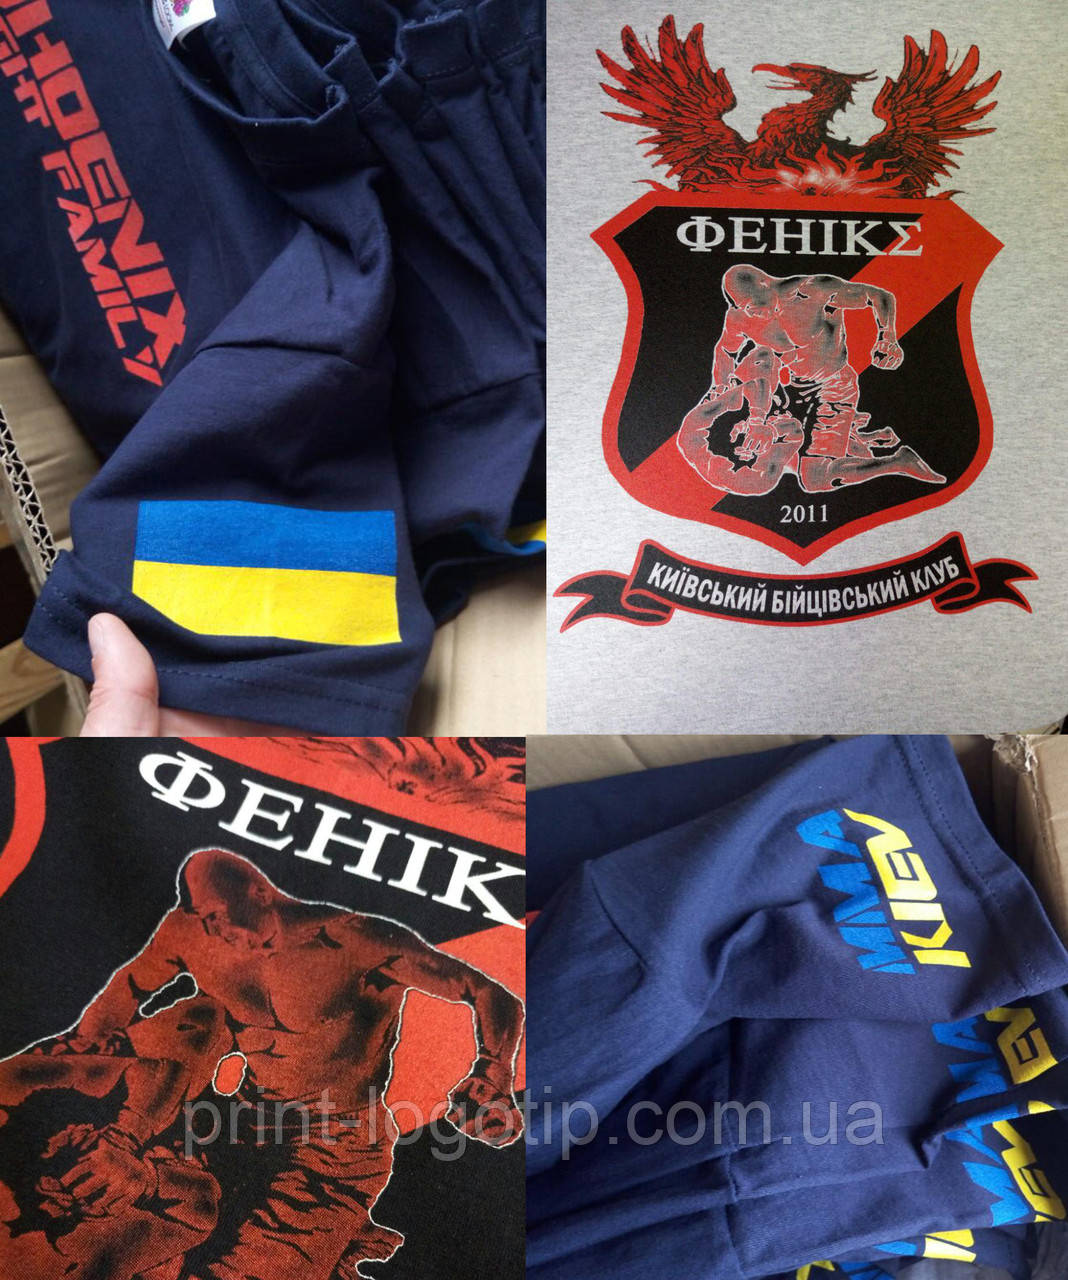 Футболок с нанесением логотипа в Киев Виннице